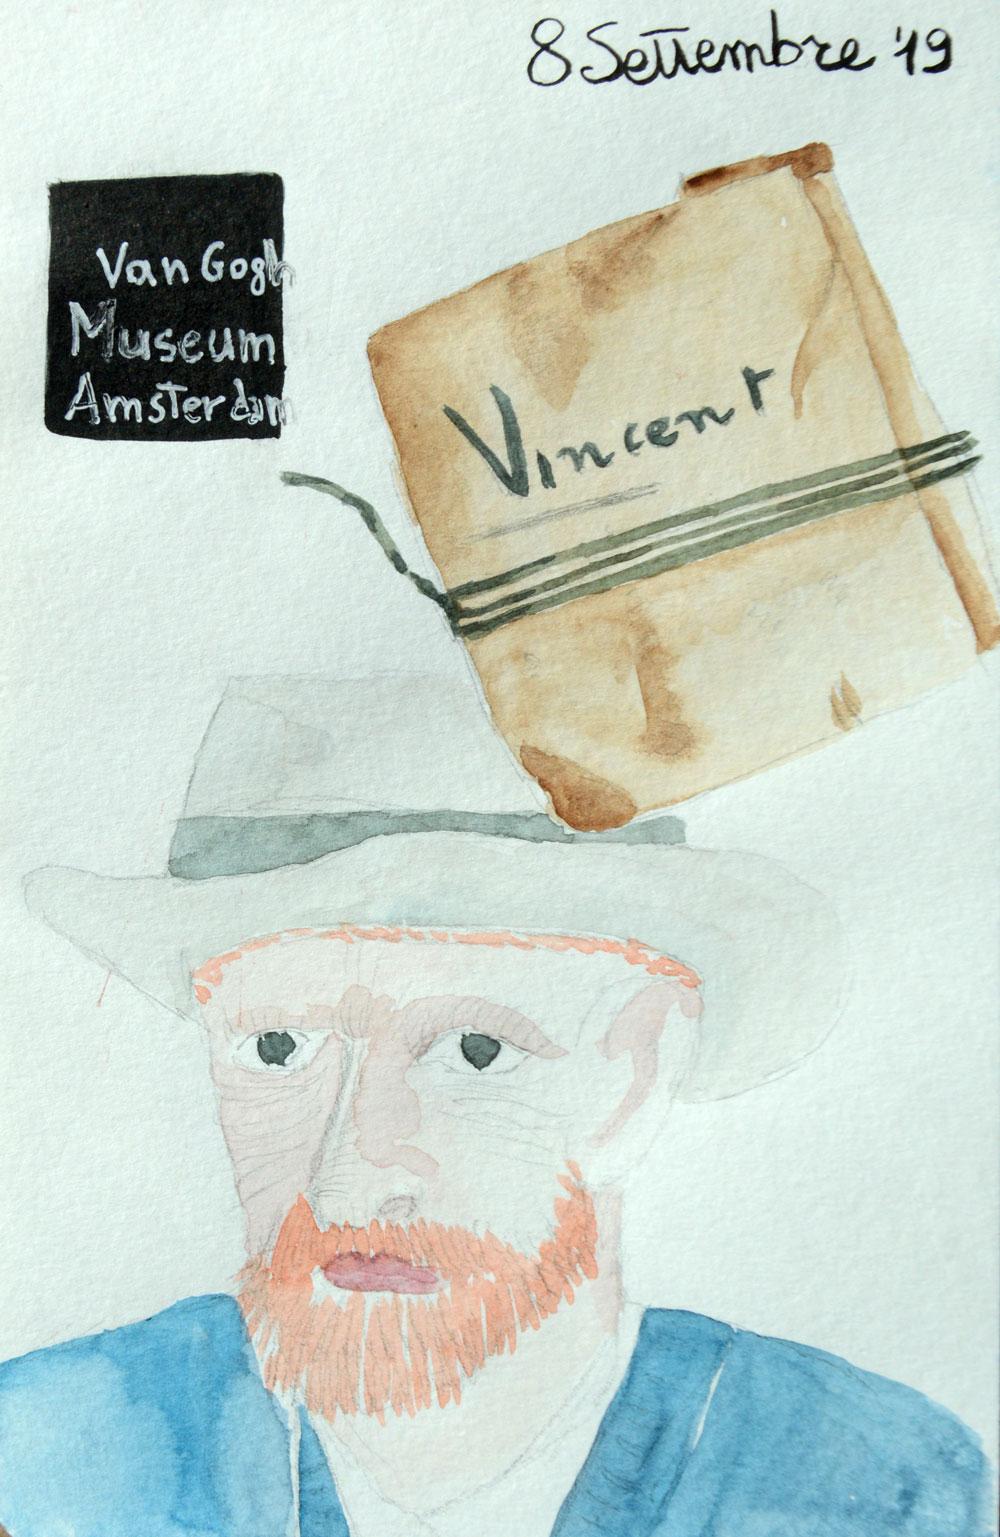 Diario di viaggio: Van Goghacquerello e china